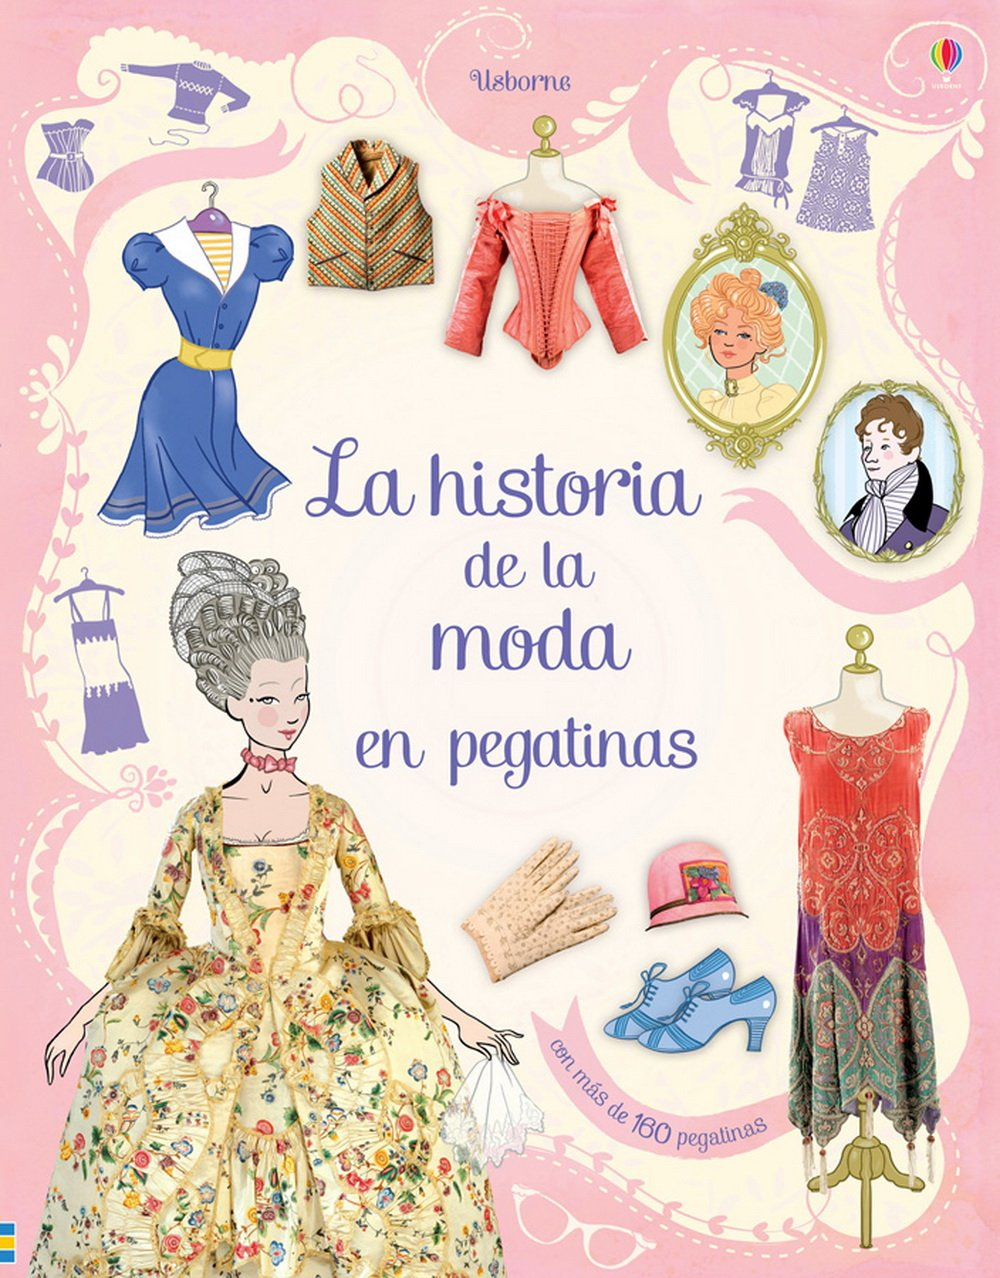 La historia de la moda en pegatinas: Ruth ; Lardot, Christophe, (il.) Brocklehurst: 9781409543565: Amazon.com: Books